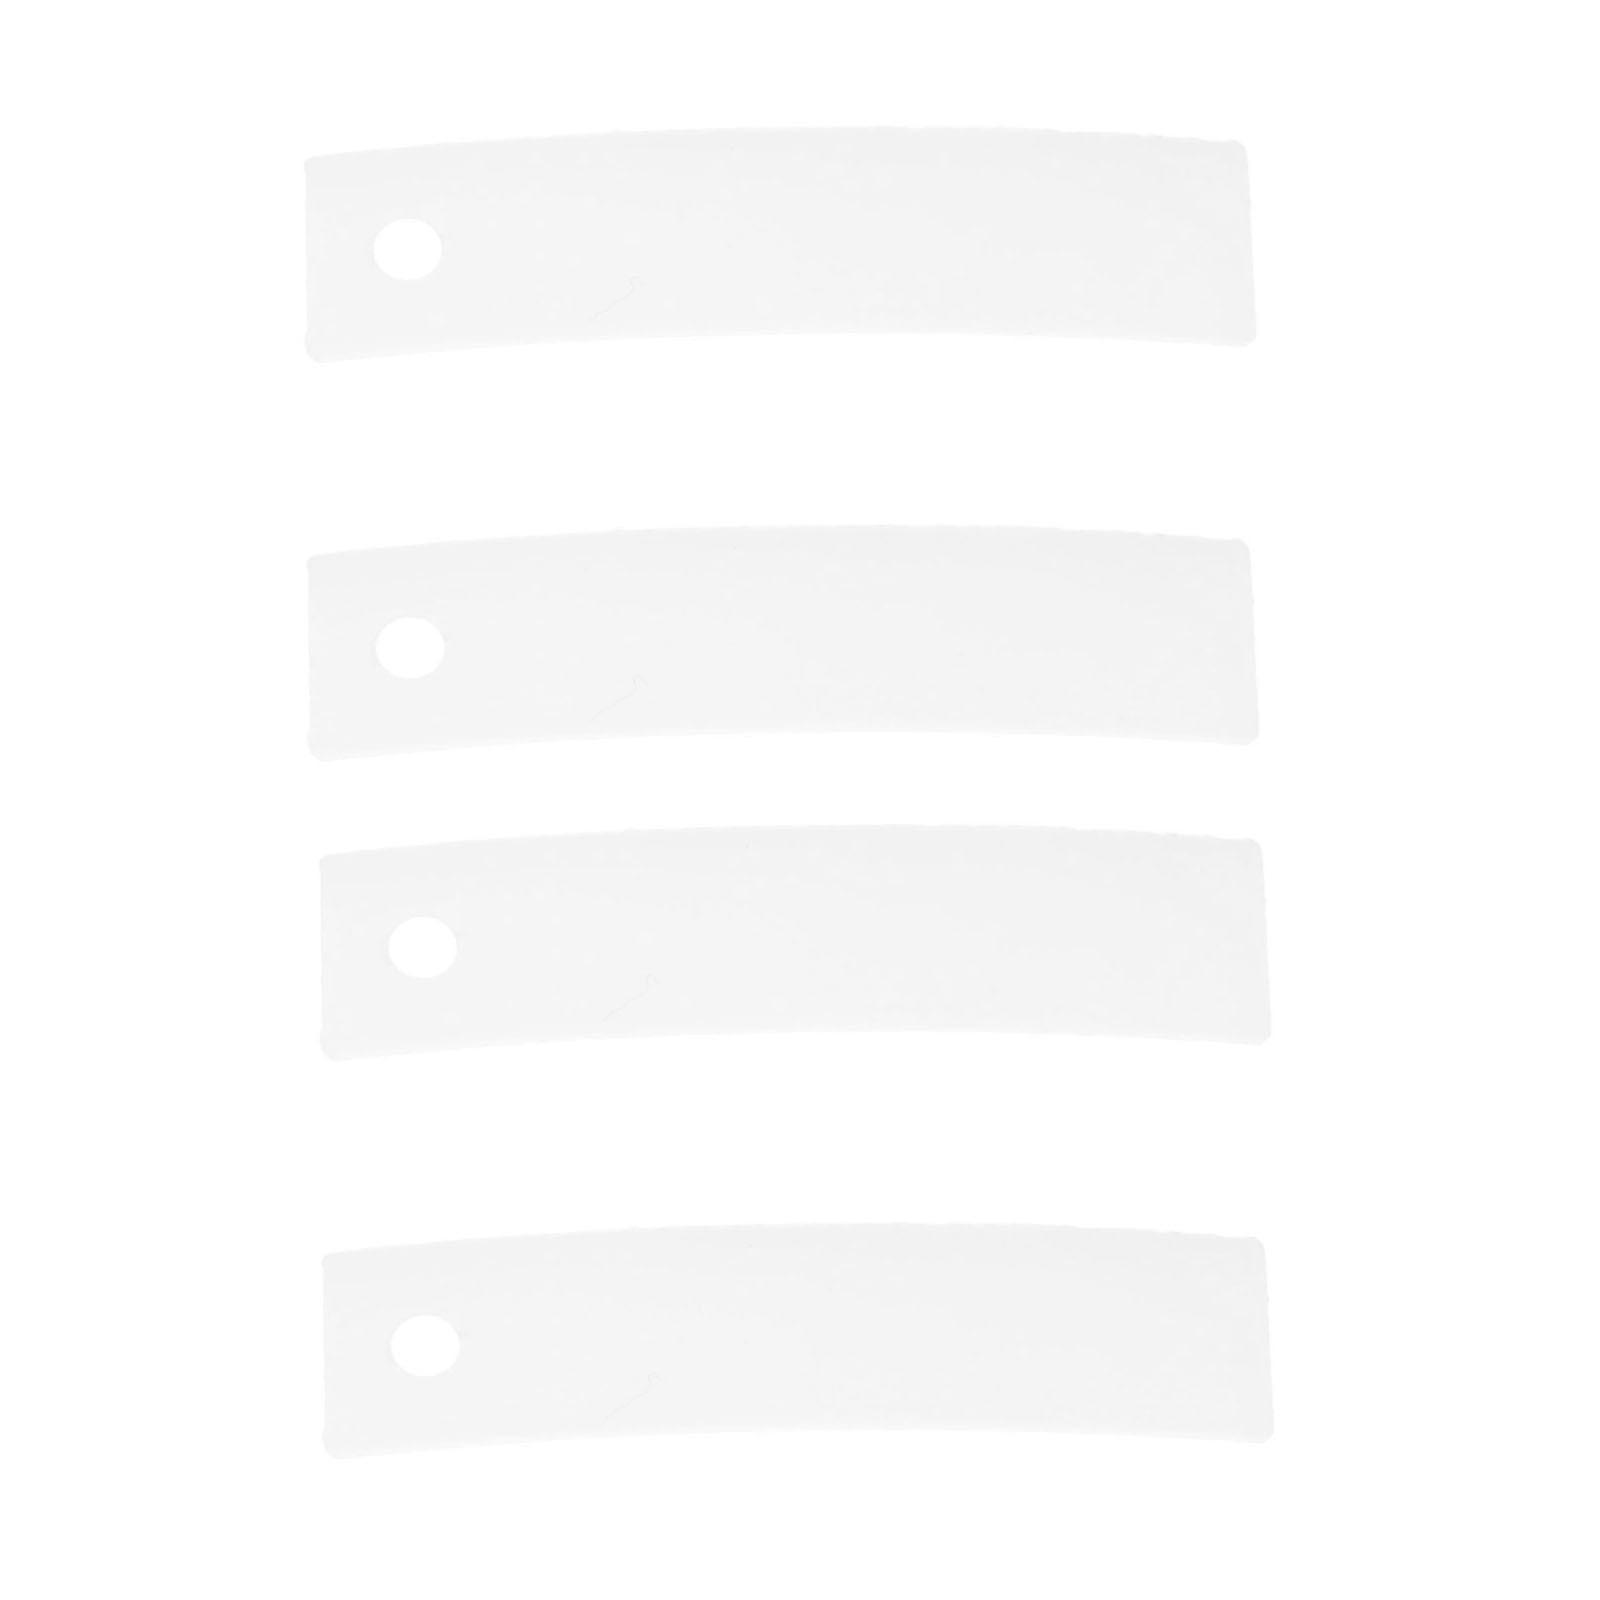 4 Pcs Ap3206716 Ps755842 Droger Top Lager Glide Vervanging Onderdelen Past Voor Whirlpool Hoge Standaard In Kwaliteit En HygiëNe